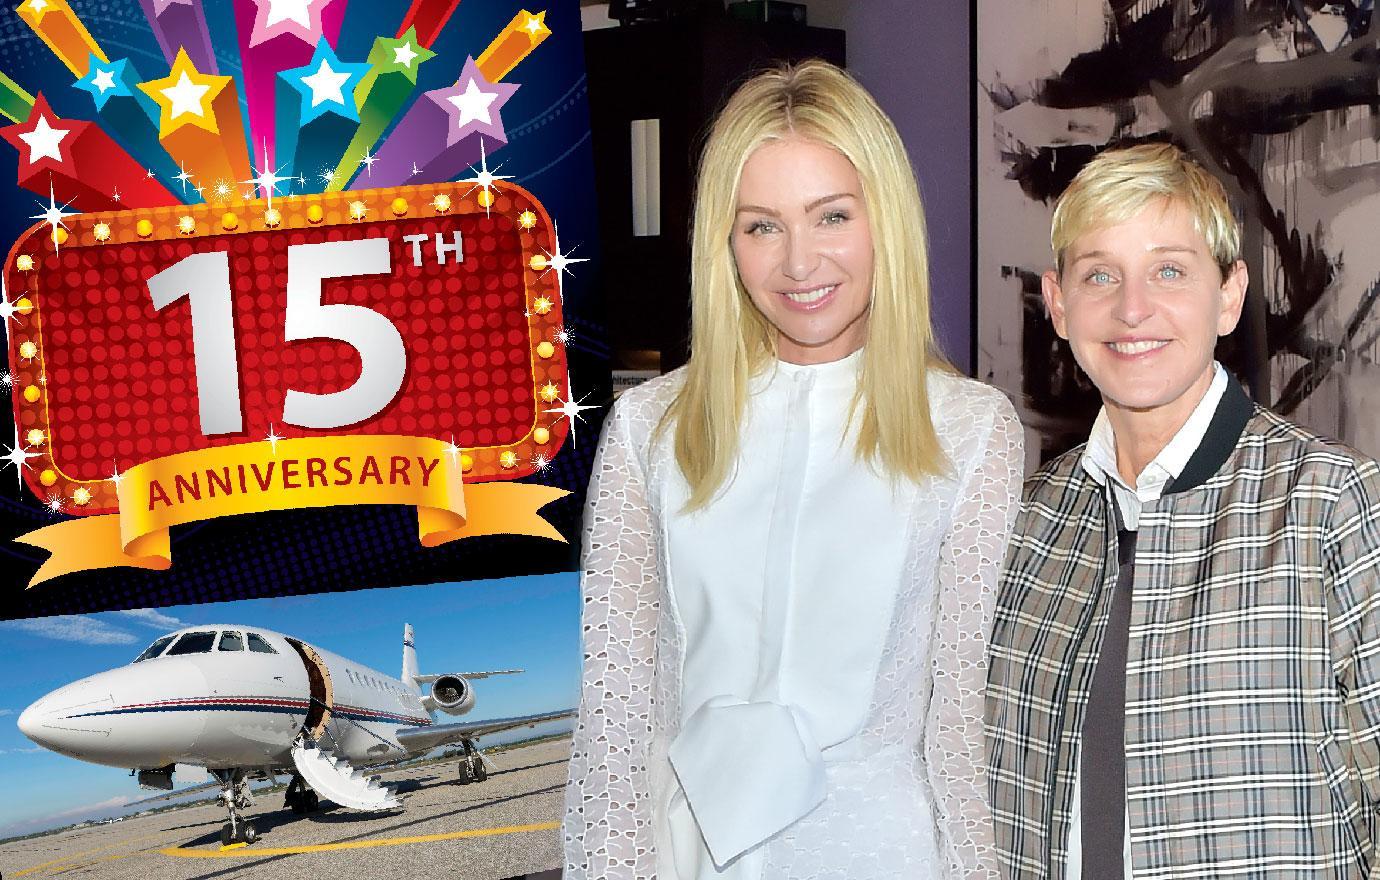 Ellen DeGeneres Hires Plane To Celebrate 15 Years With Portia